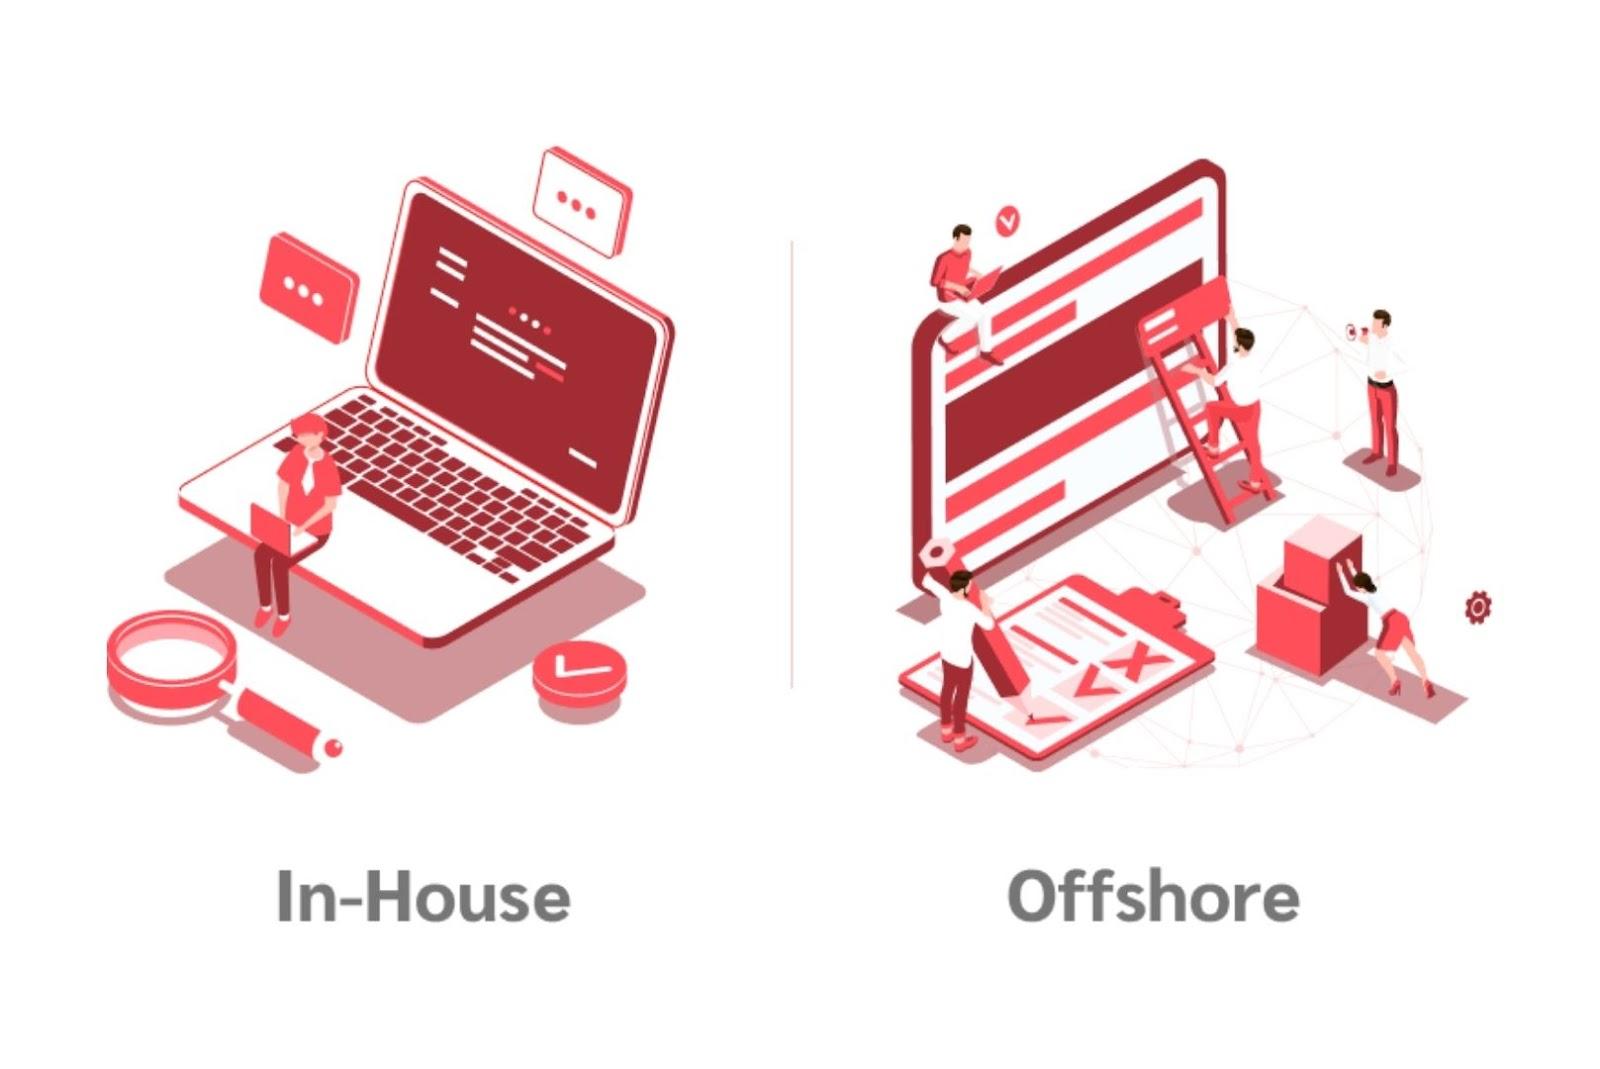 In-house app developer vs offshore app developer